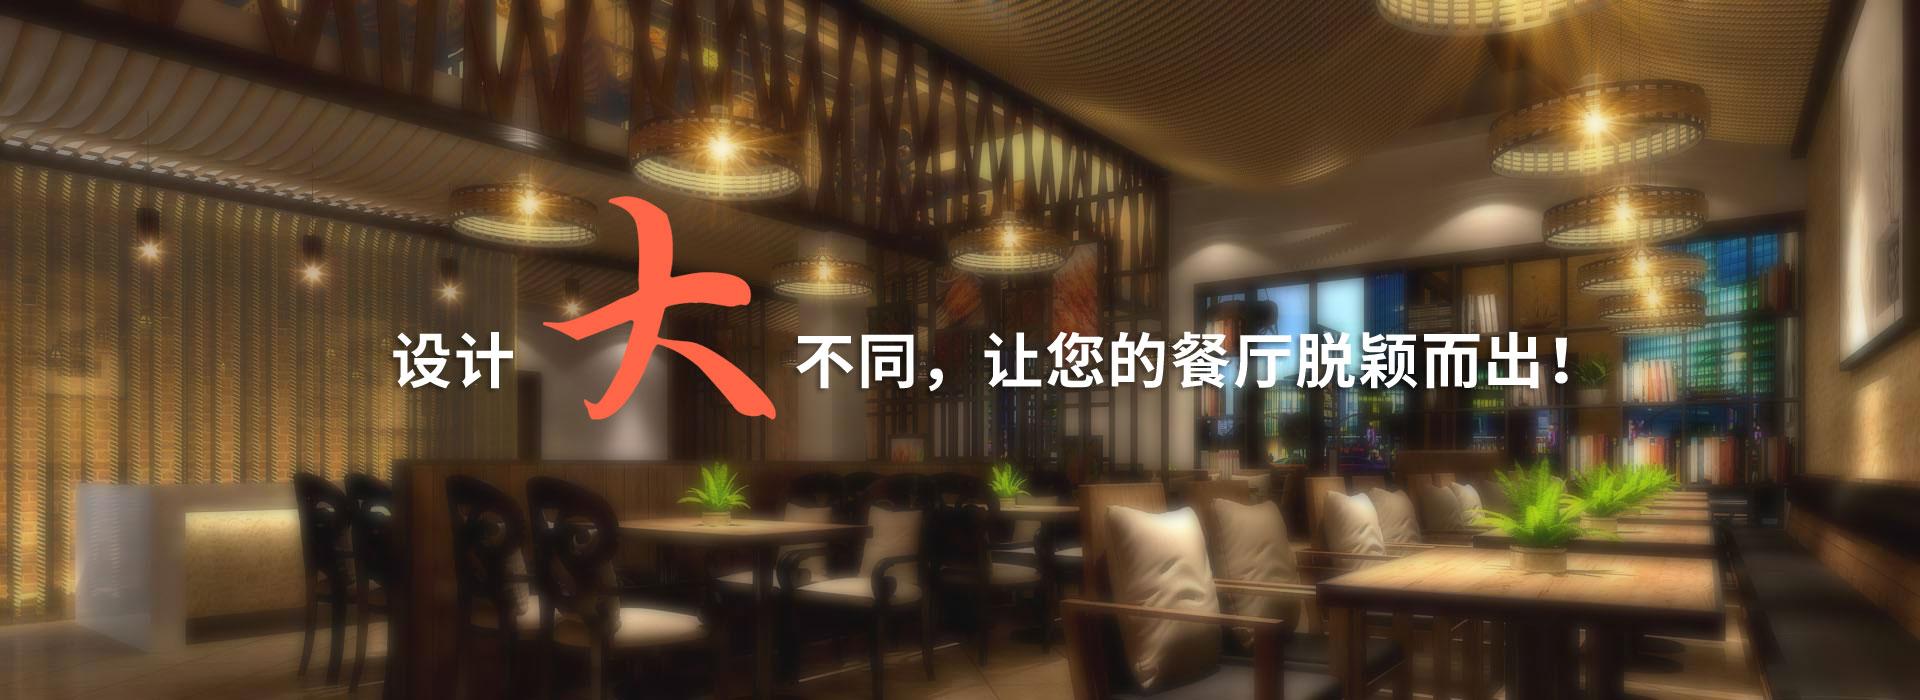 装饰公司平面布局_餐厅装修,餐厅设计公司,北京餐厅装修公司【蓝色壹佰】